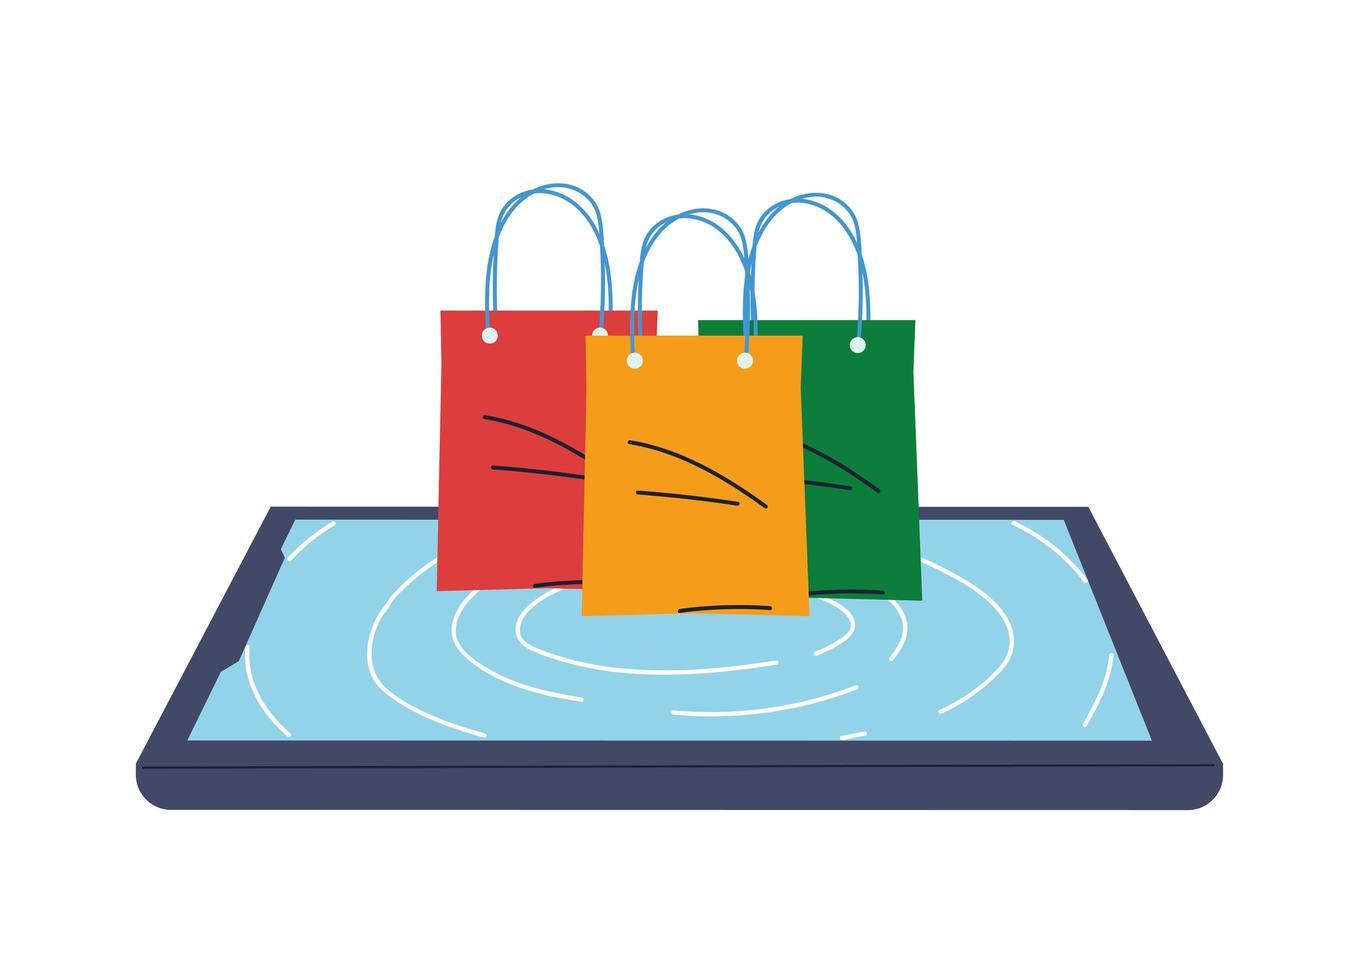 koopwaar in tassen bovenop het smartphonescherm vector